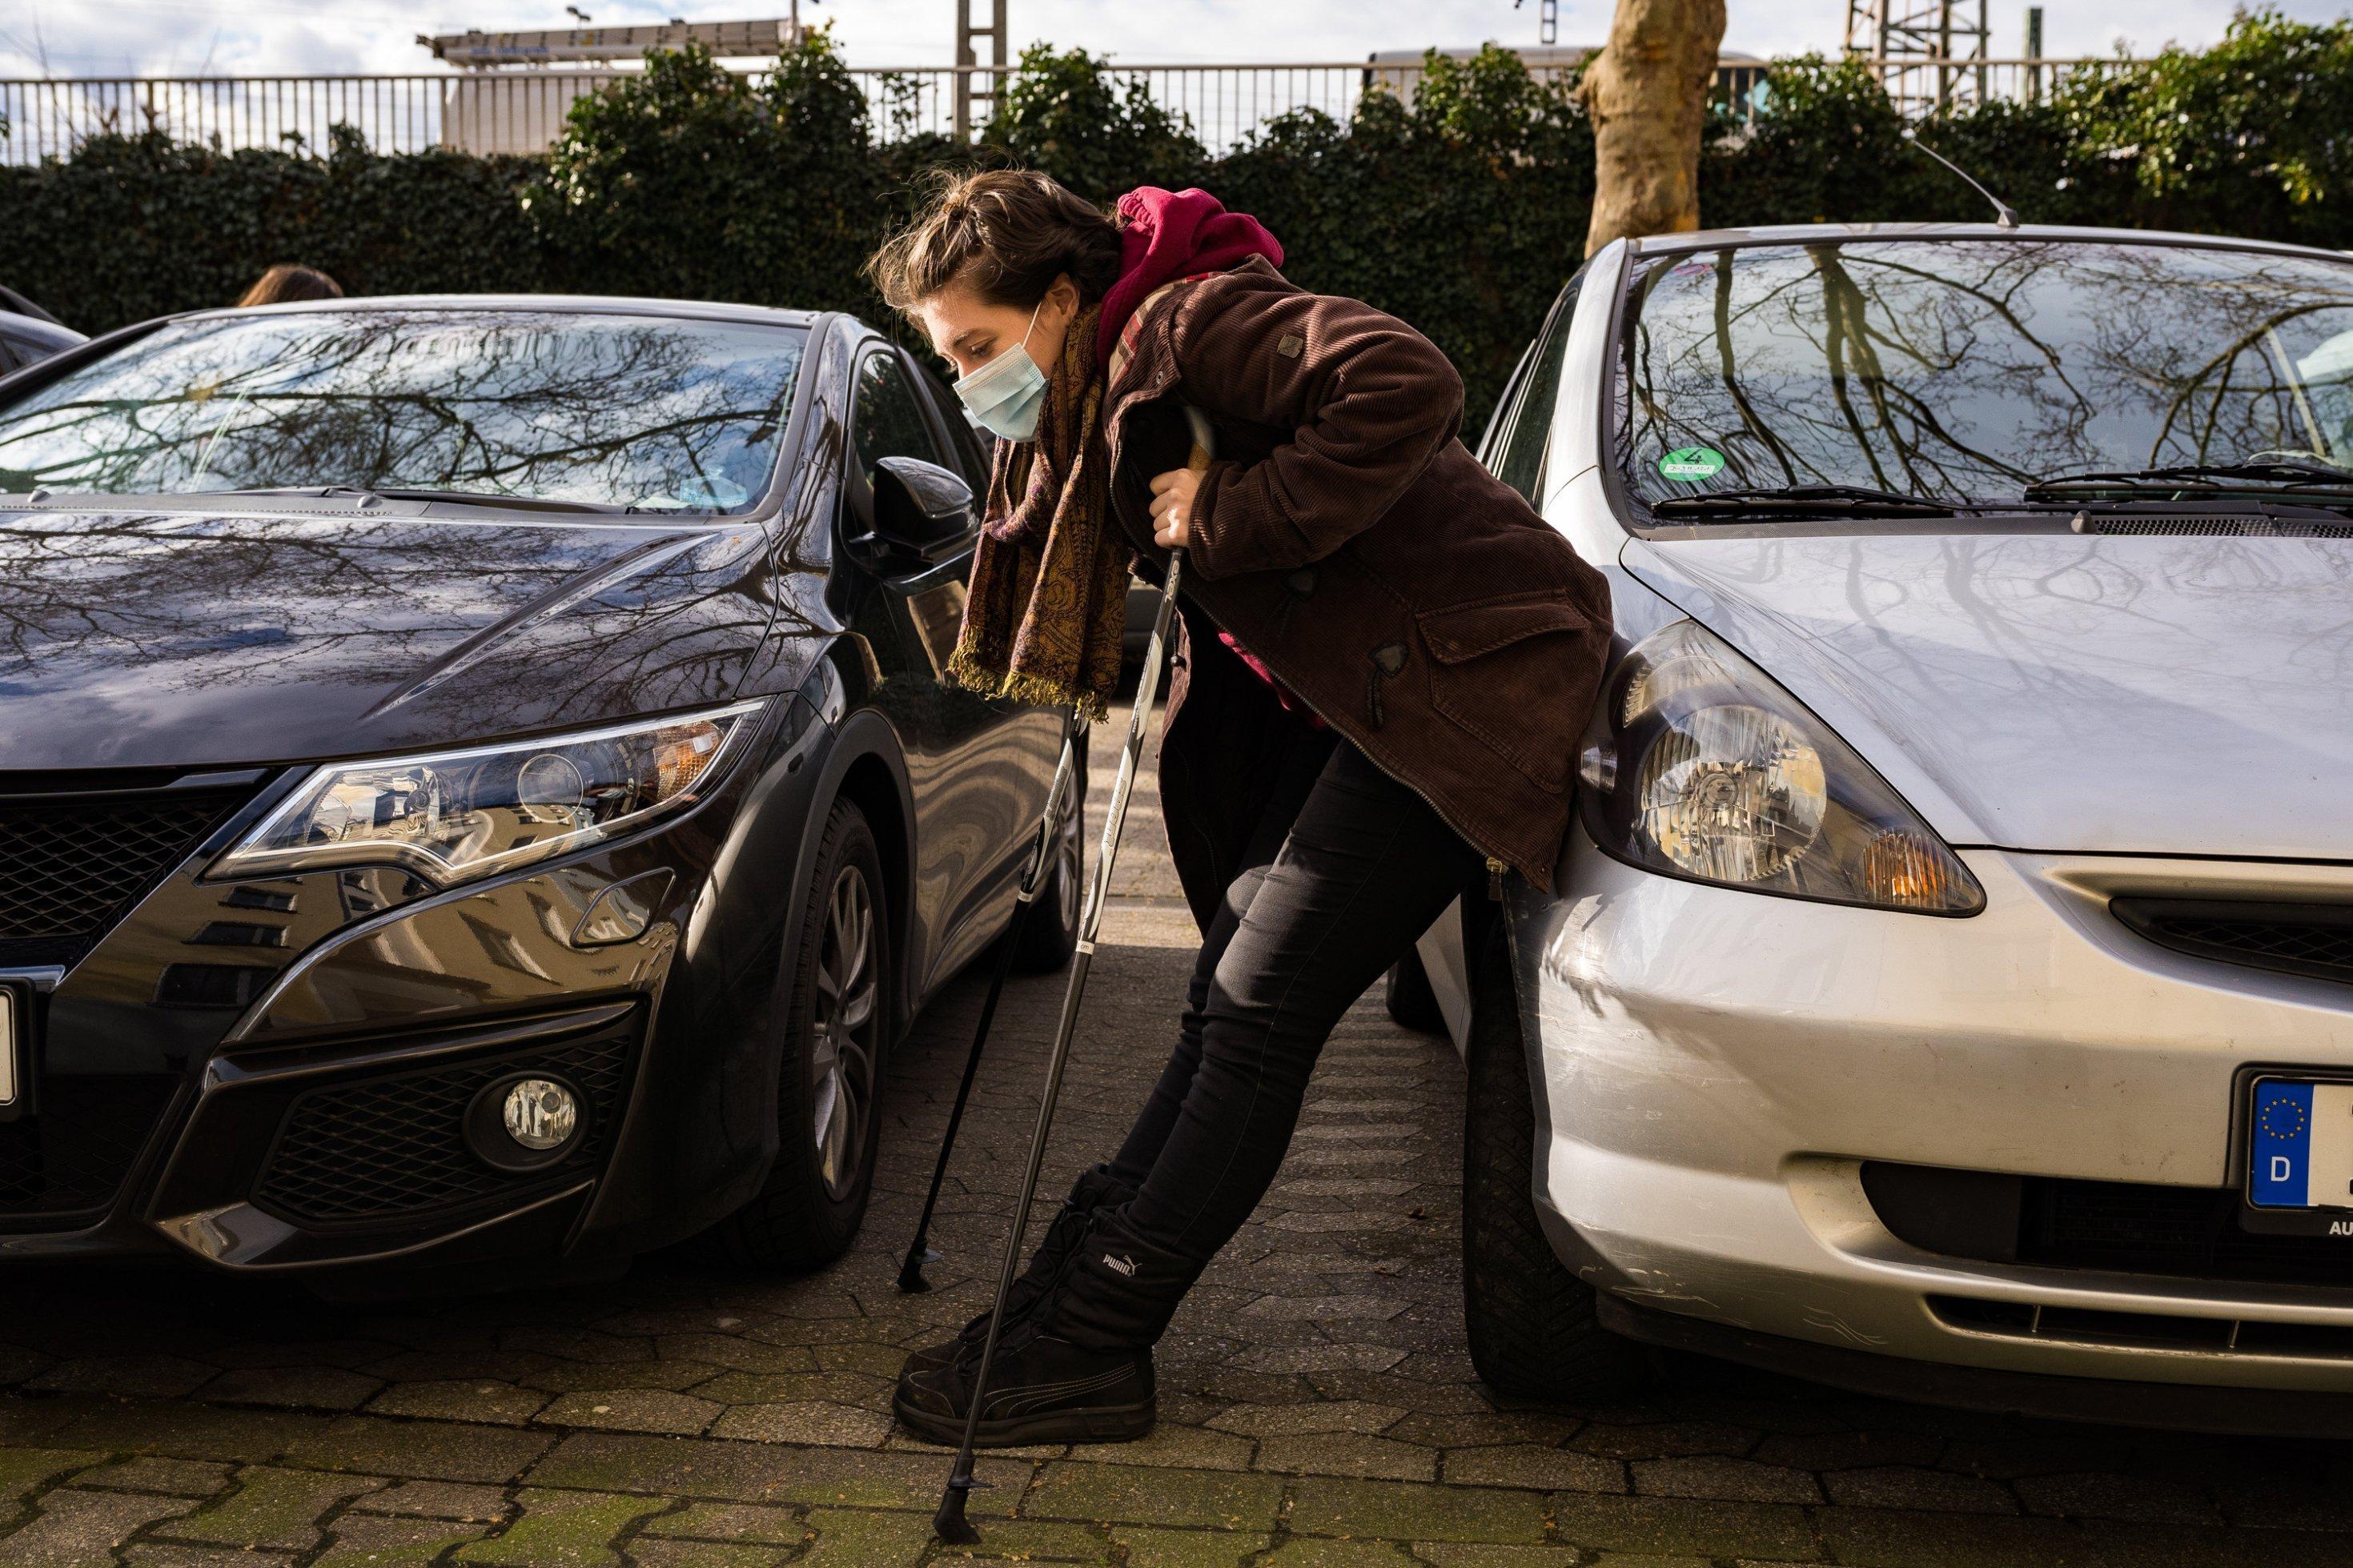 Luisa Meißner steht gebückt auf Krücken zwischen zwei Autos, und ruht sich aus. Sie hat eine Atemschutzmaske auf.